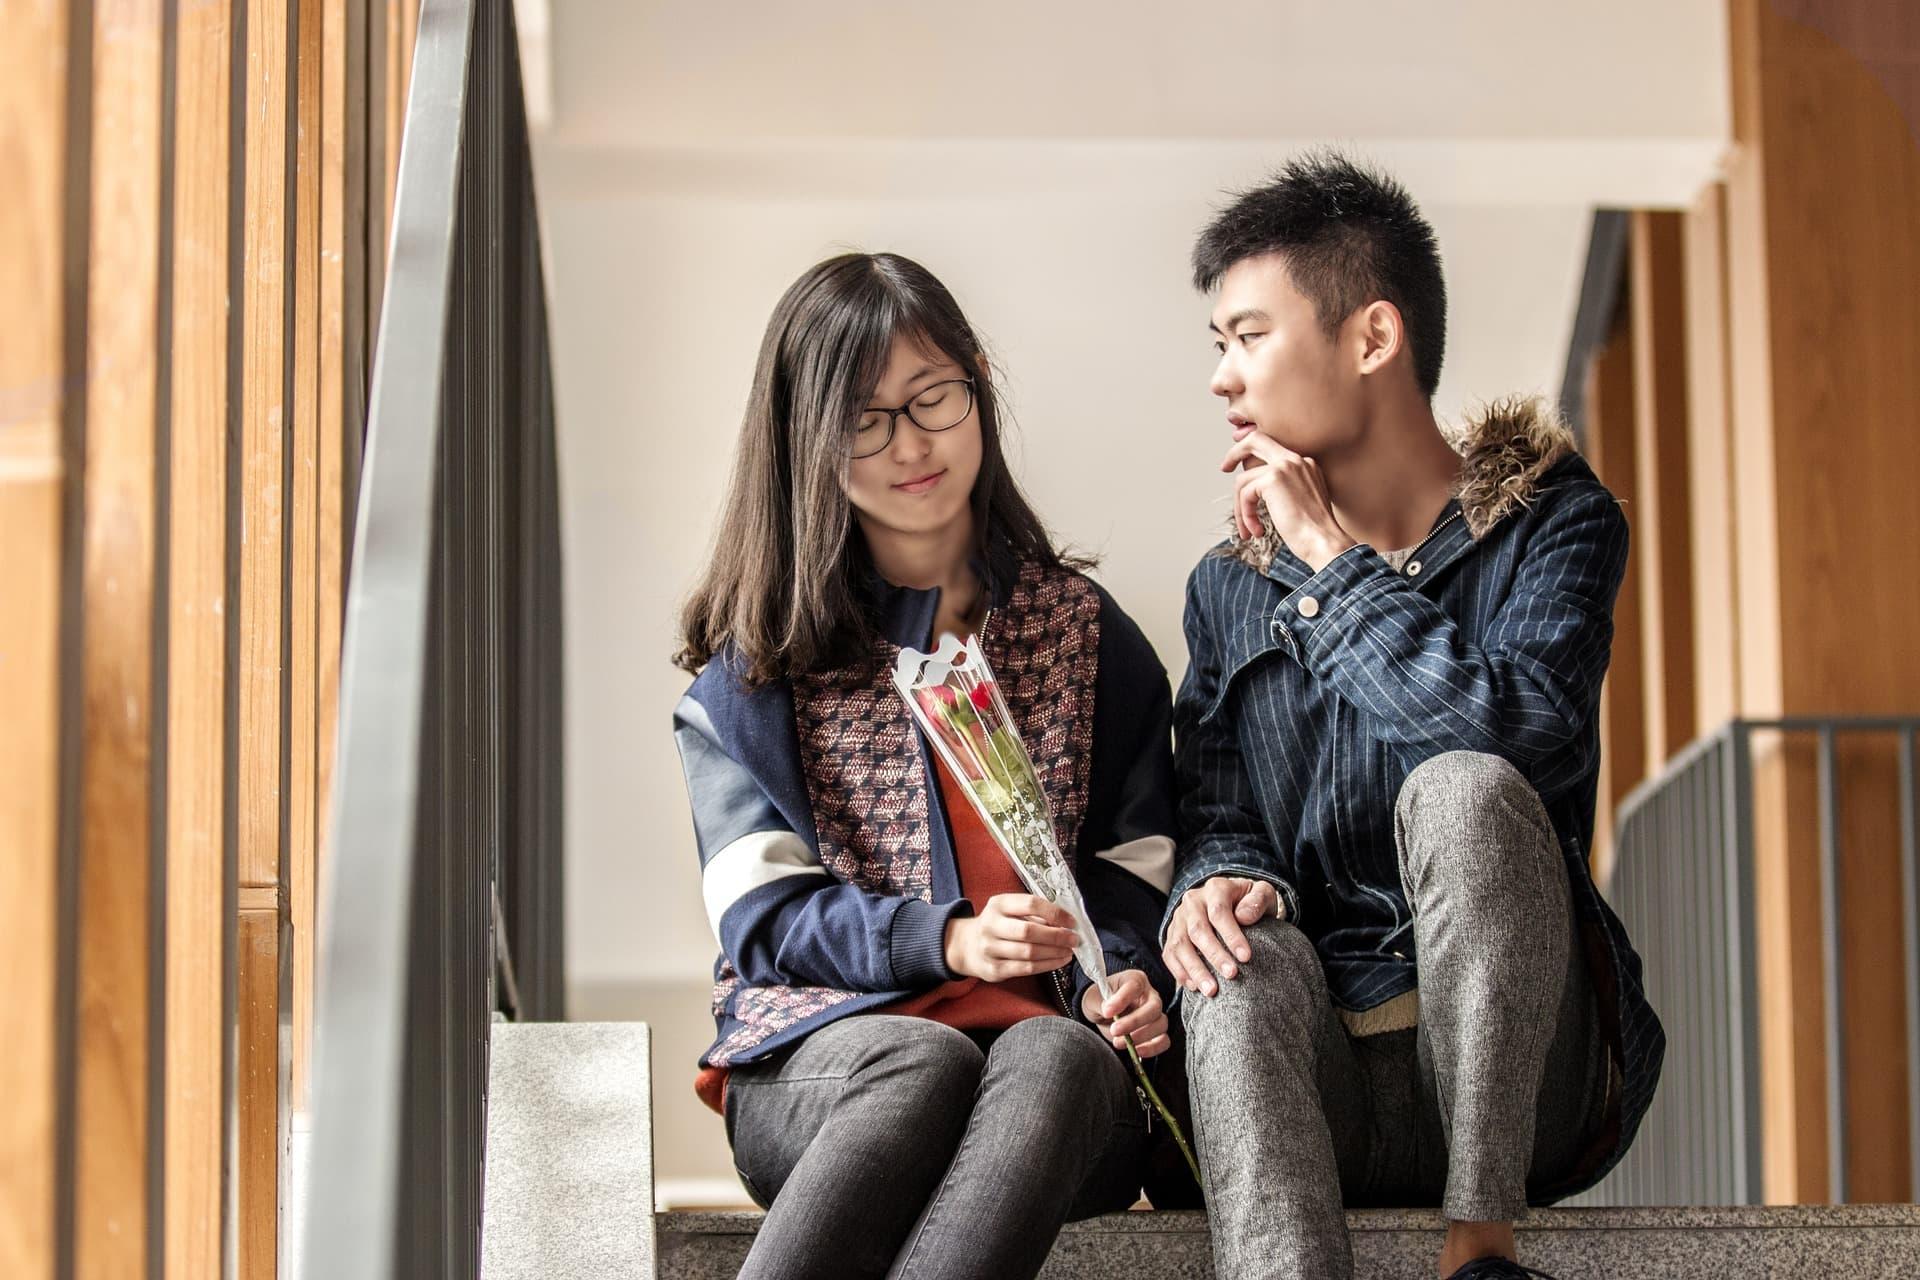 Если у любимого не возникает стремления представить избранницу родным, значит он не воспринимает связь с ней всерьез